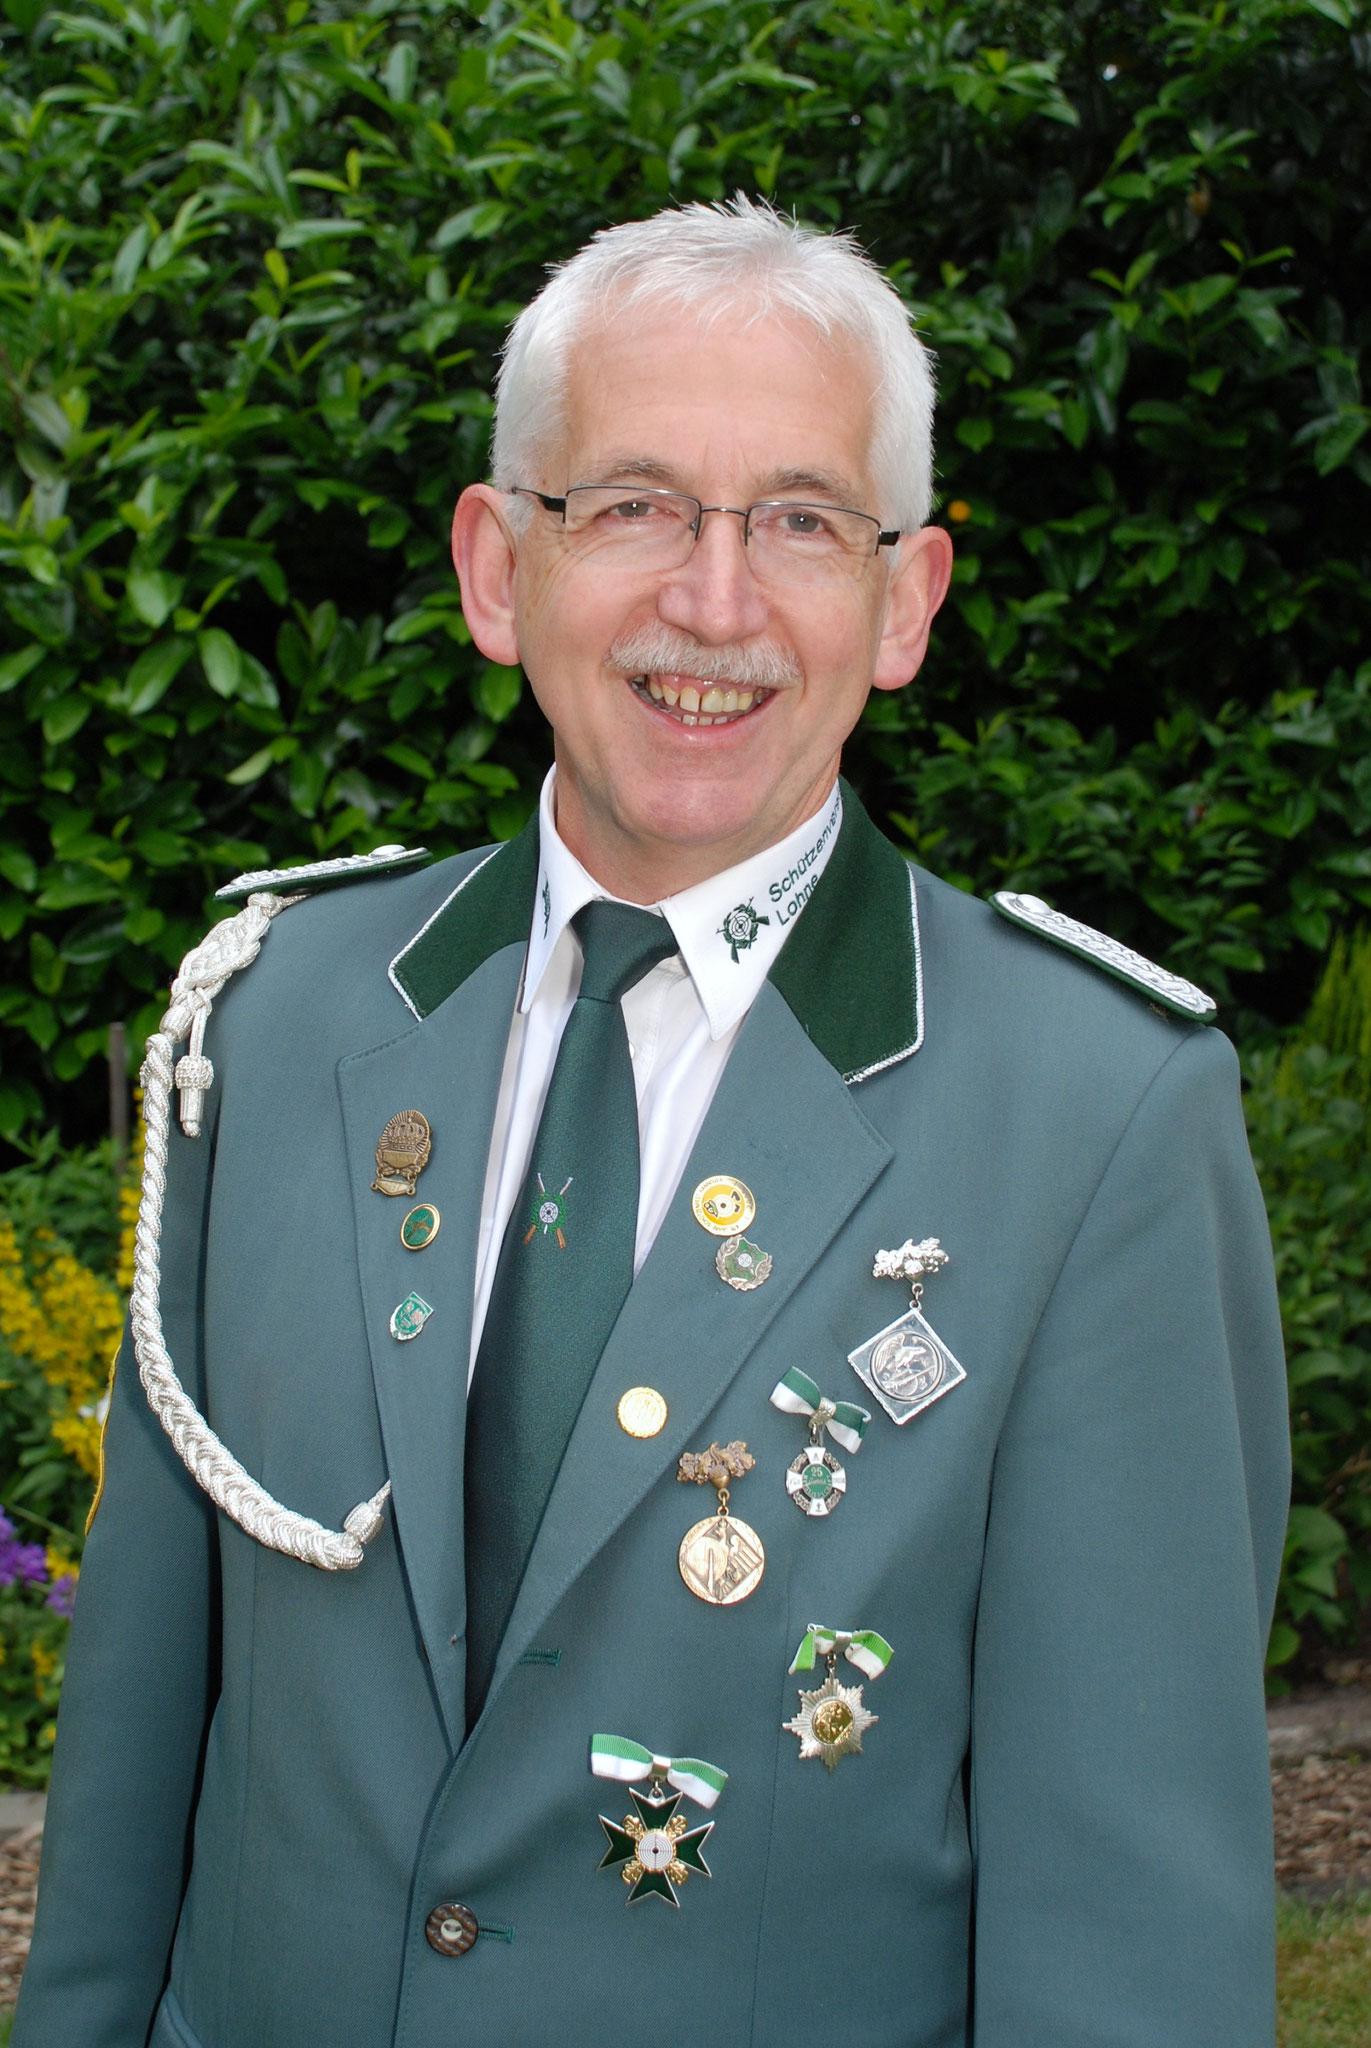 Laurenz Krieger